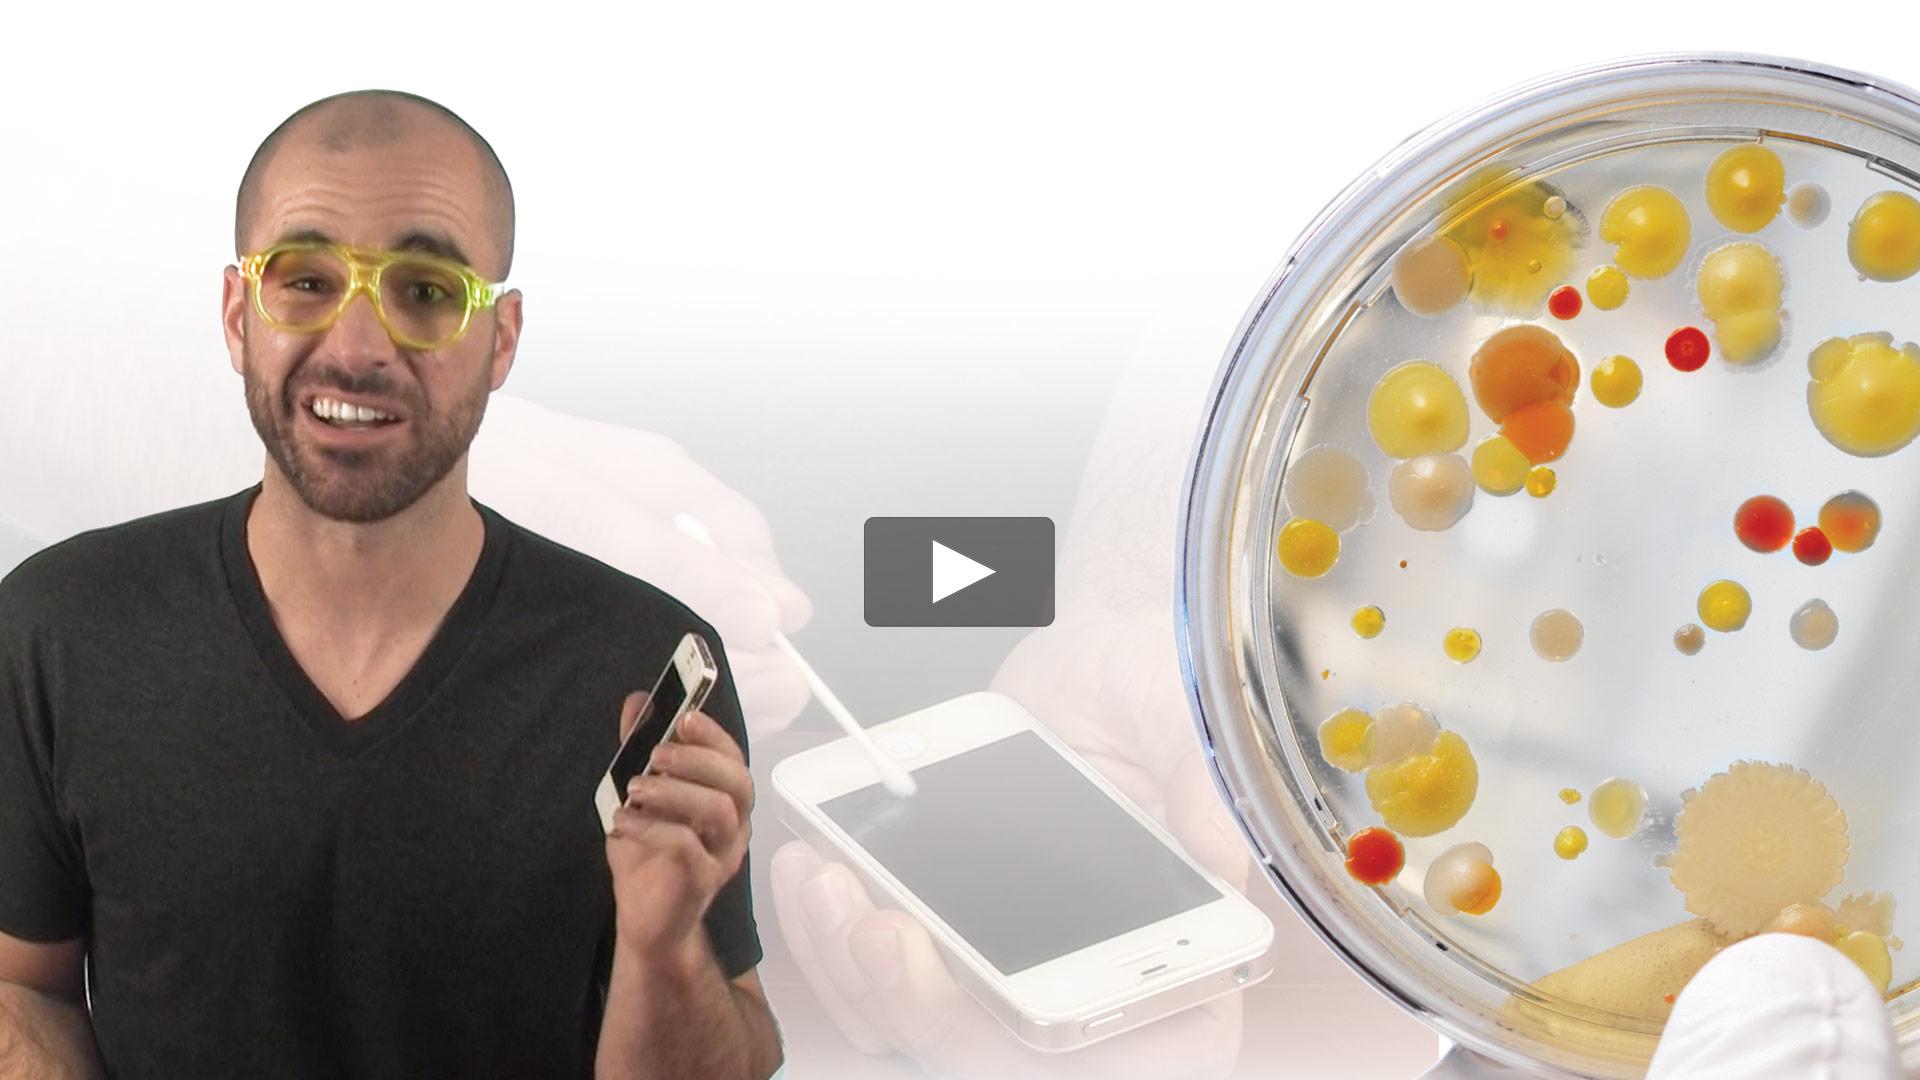 Growing Bacteria Kit Video